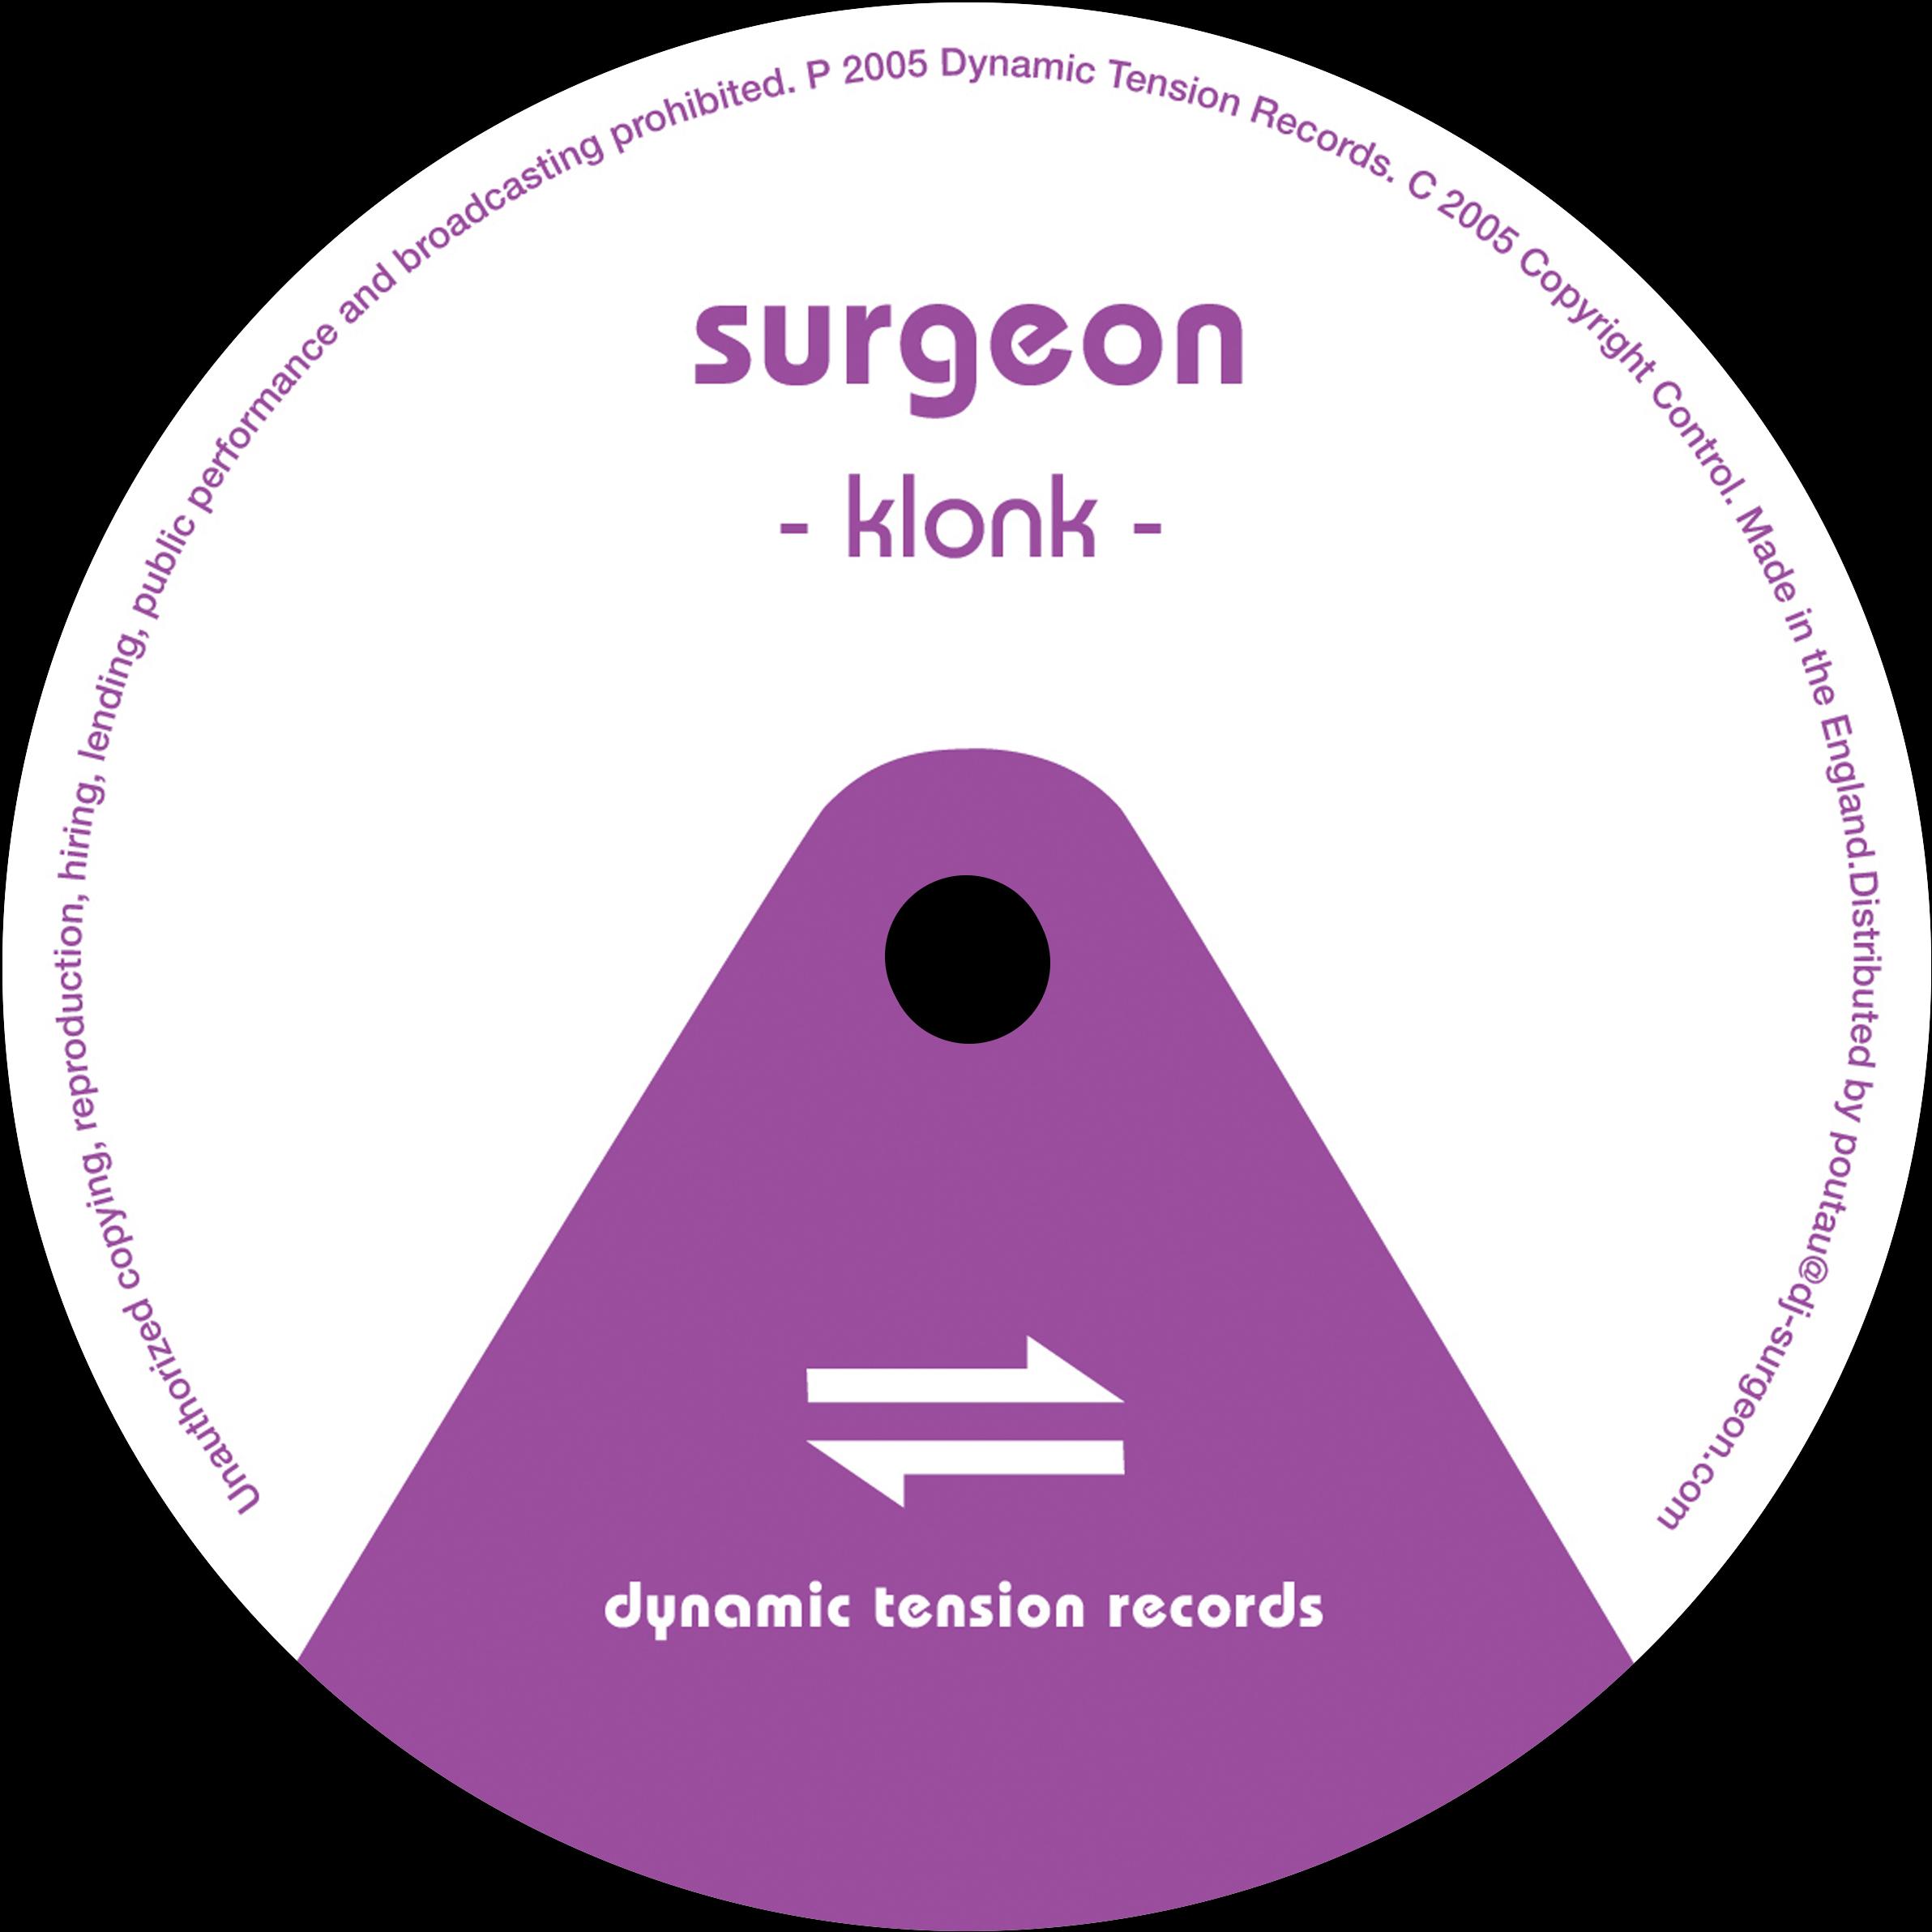 Surgeon - Klonk